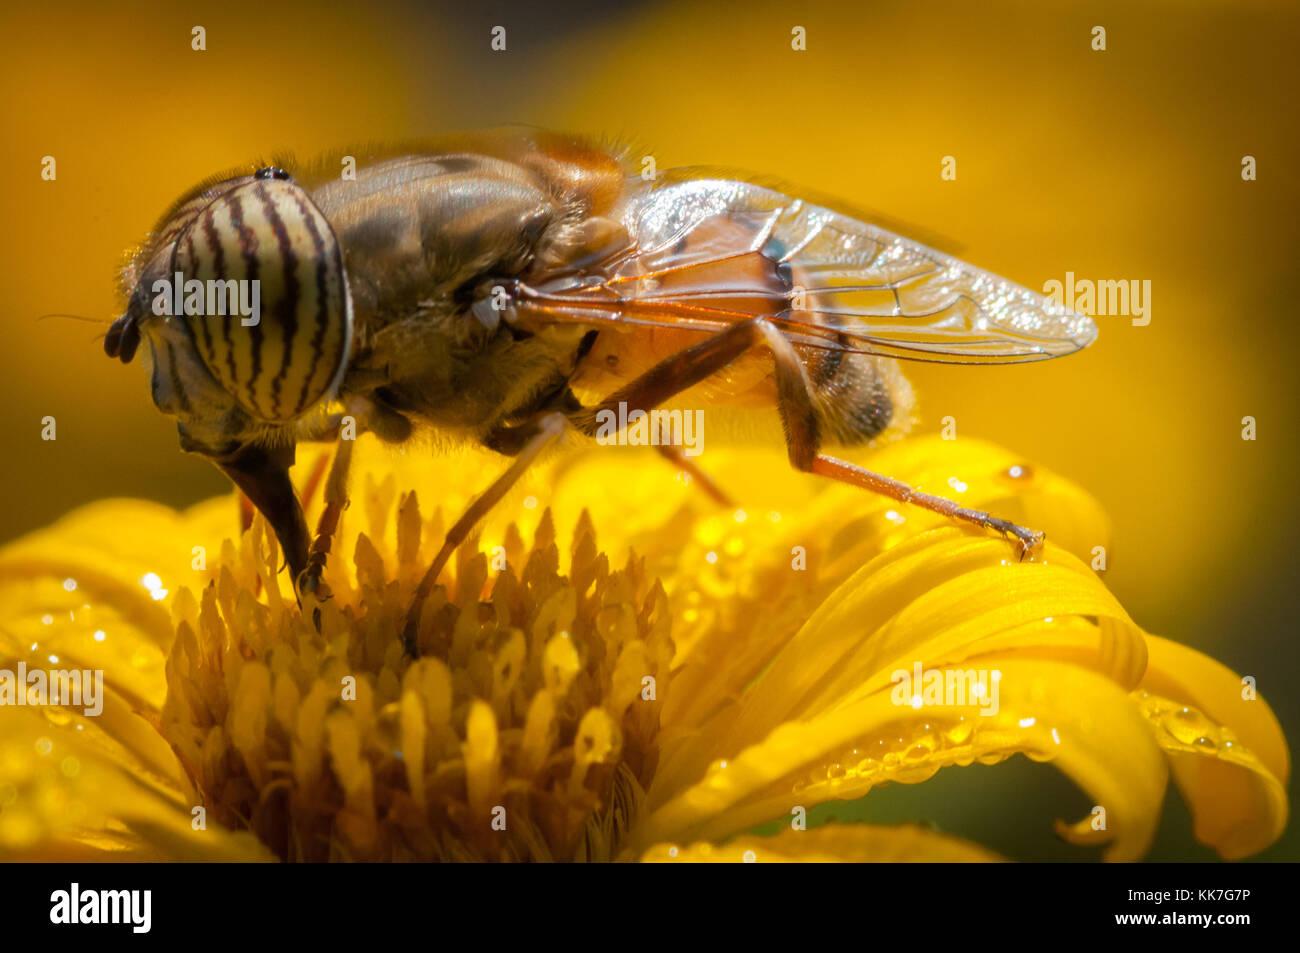 Nahaufnahme einer Biene auf einer Blume an der ersten Ampel Stockbild